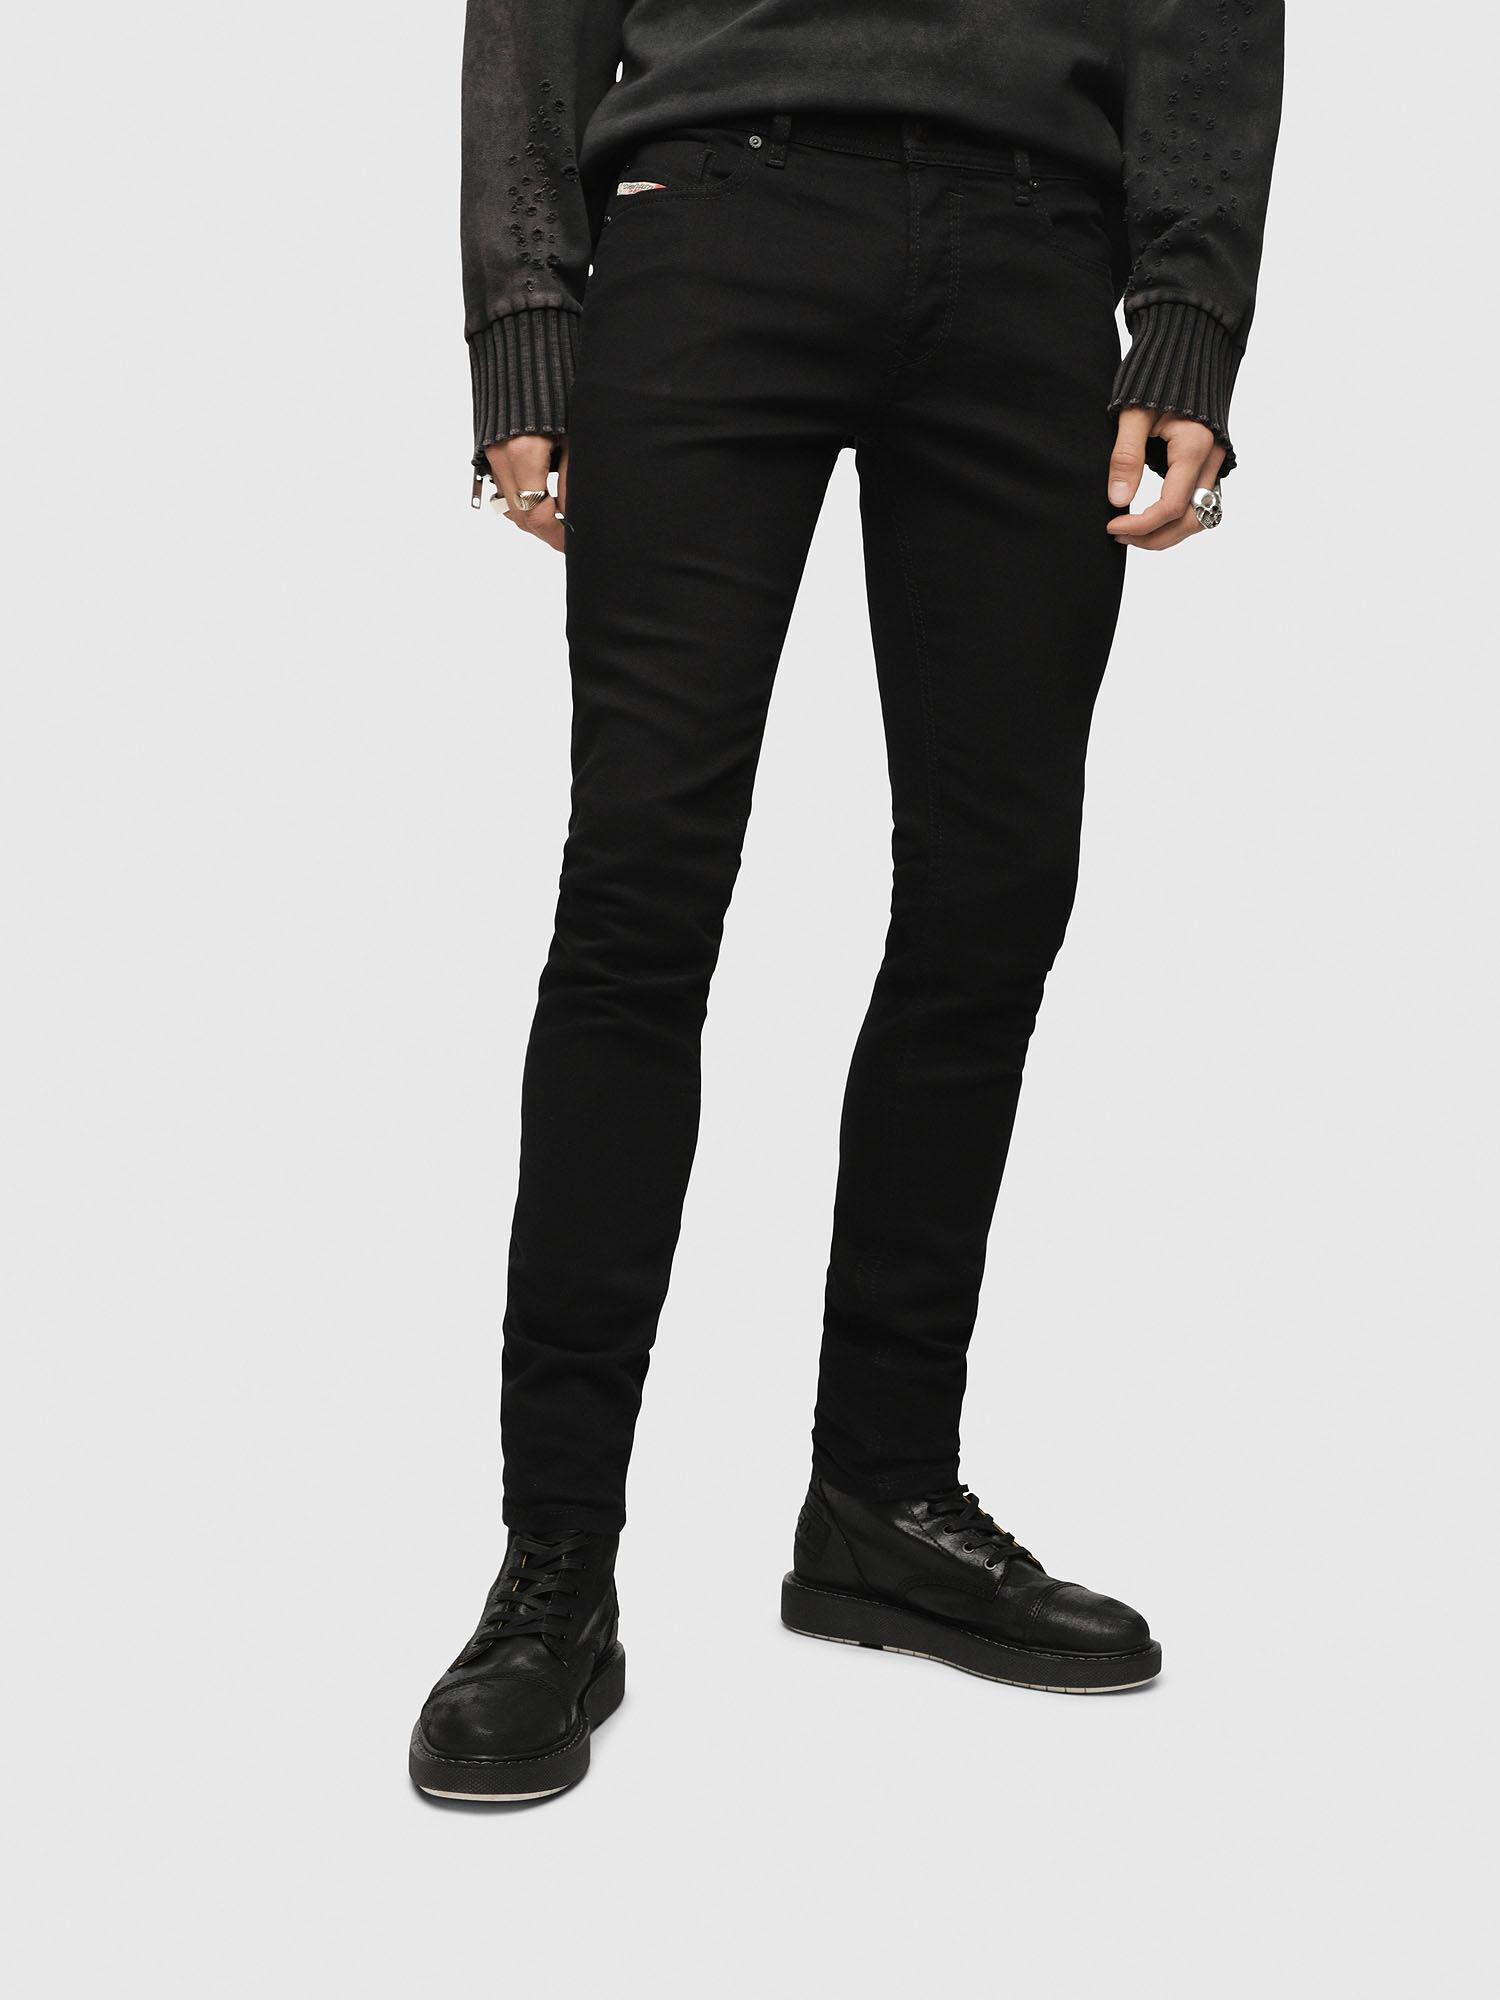 Jeans Sleenker 886Z Skinny Fit Black - Black Diesel l9pLin5